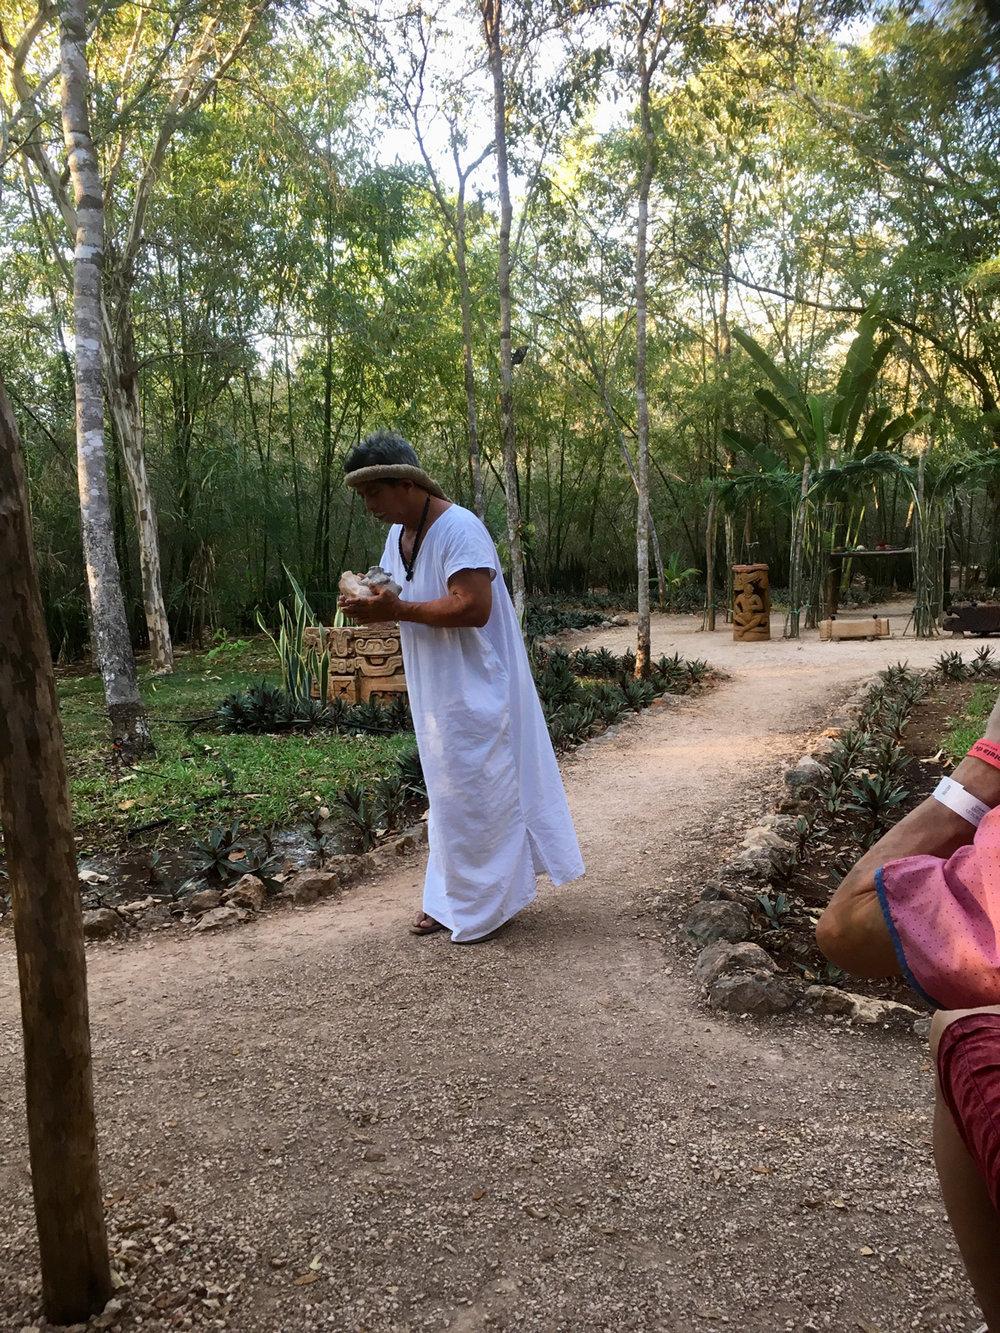 Hammocks_and_Ruins_Riviera_Maya_Mexico_Explore_What_to_Do_Yucatan_Hammocks_Ruins_Choco_story_Uxmal_11.jpg